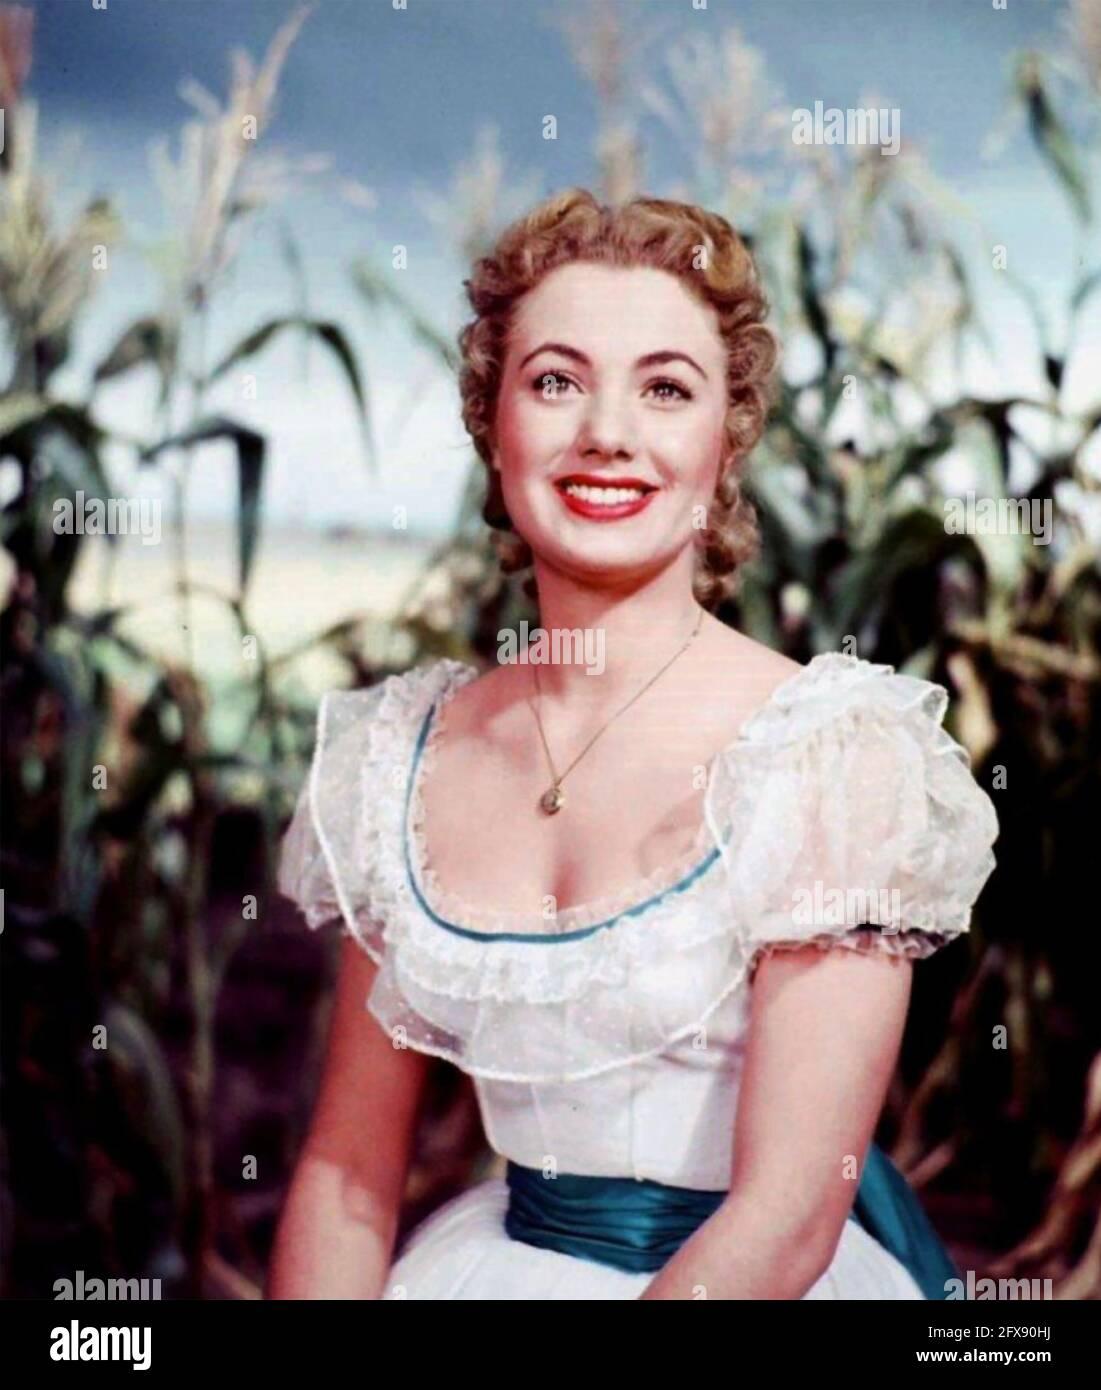 SHIRLEY JONES actrice américaine en 1955 dans une photo promotionnelle pour le film Oklahoma ! dans laquelle elle a joué le rôle de femme en chef Banque D'Images